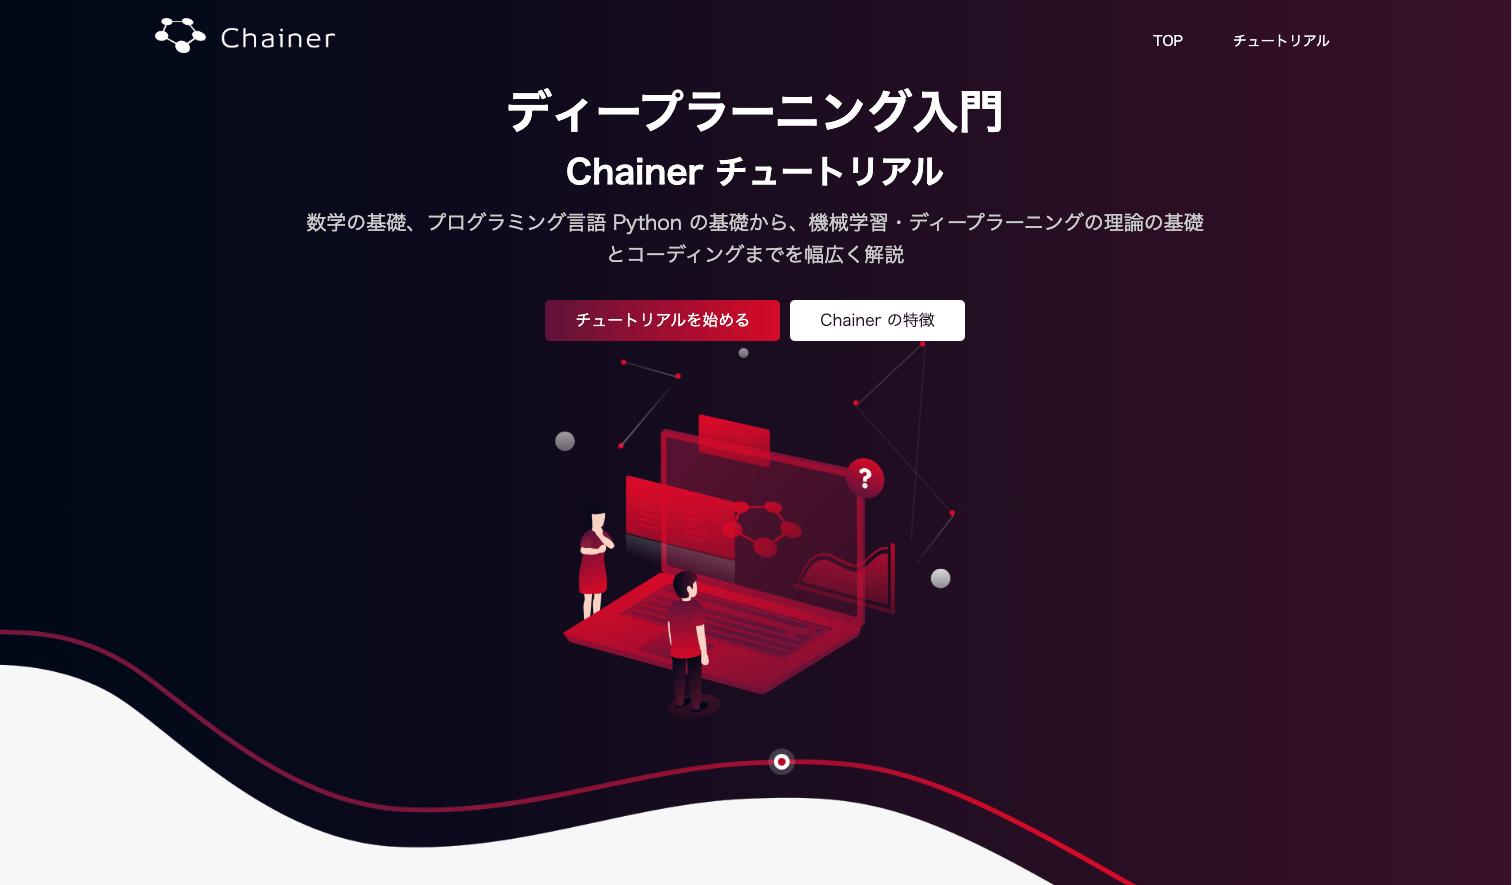 スクリーンショット 2020-02-07 16.35.24.png